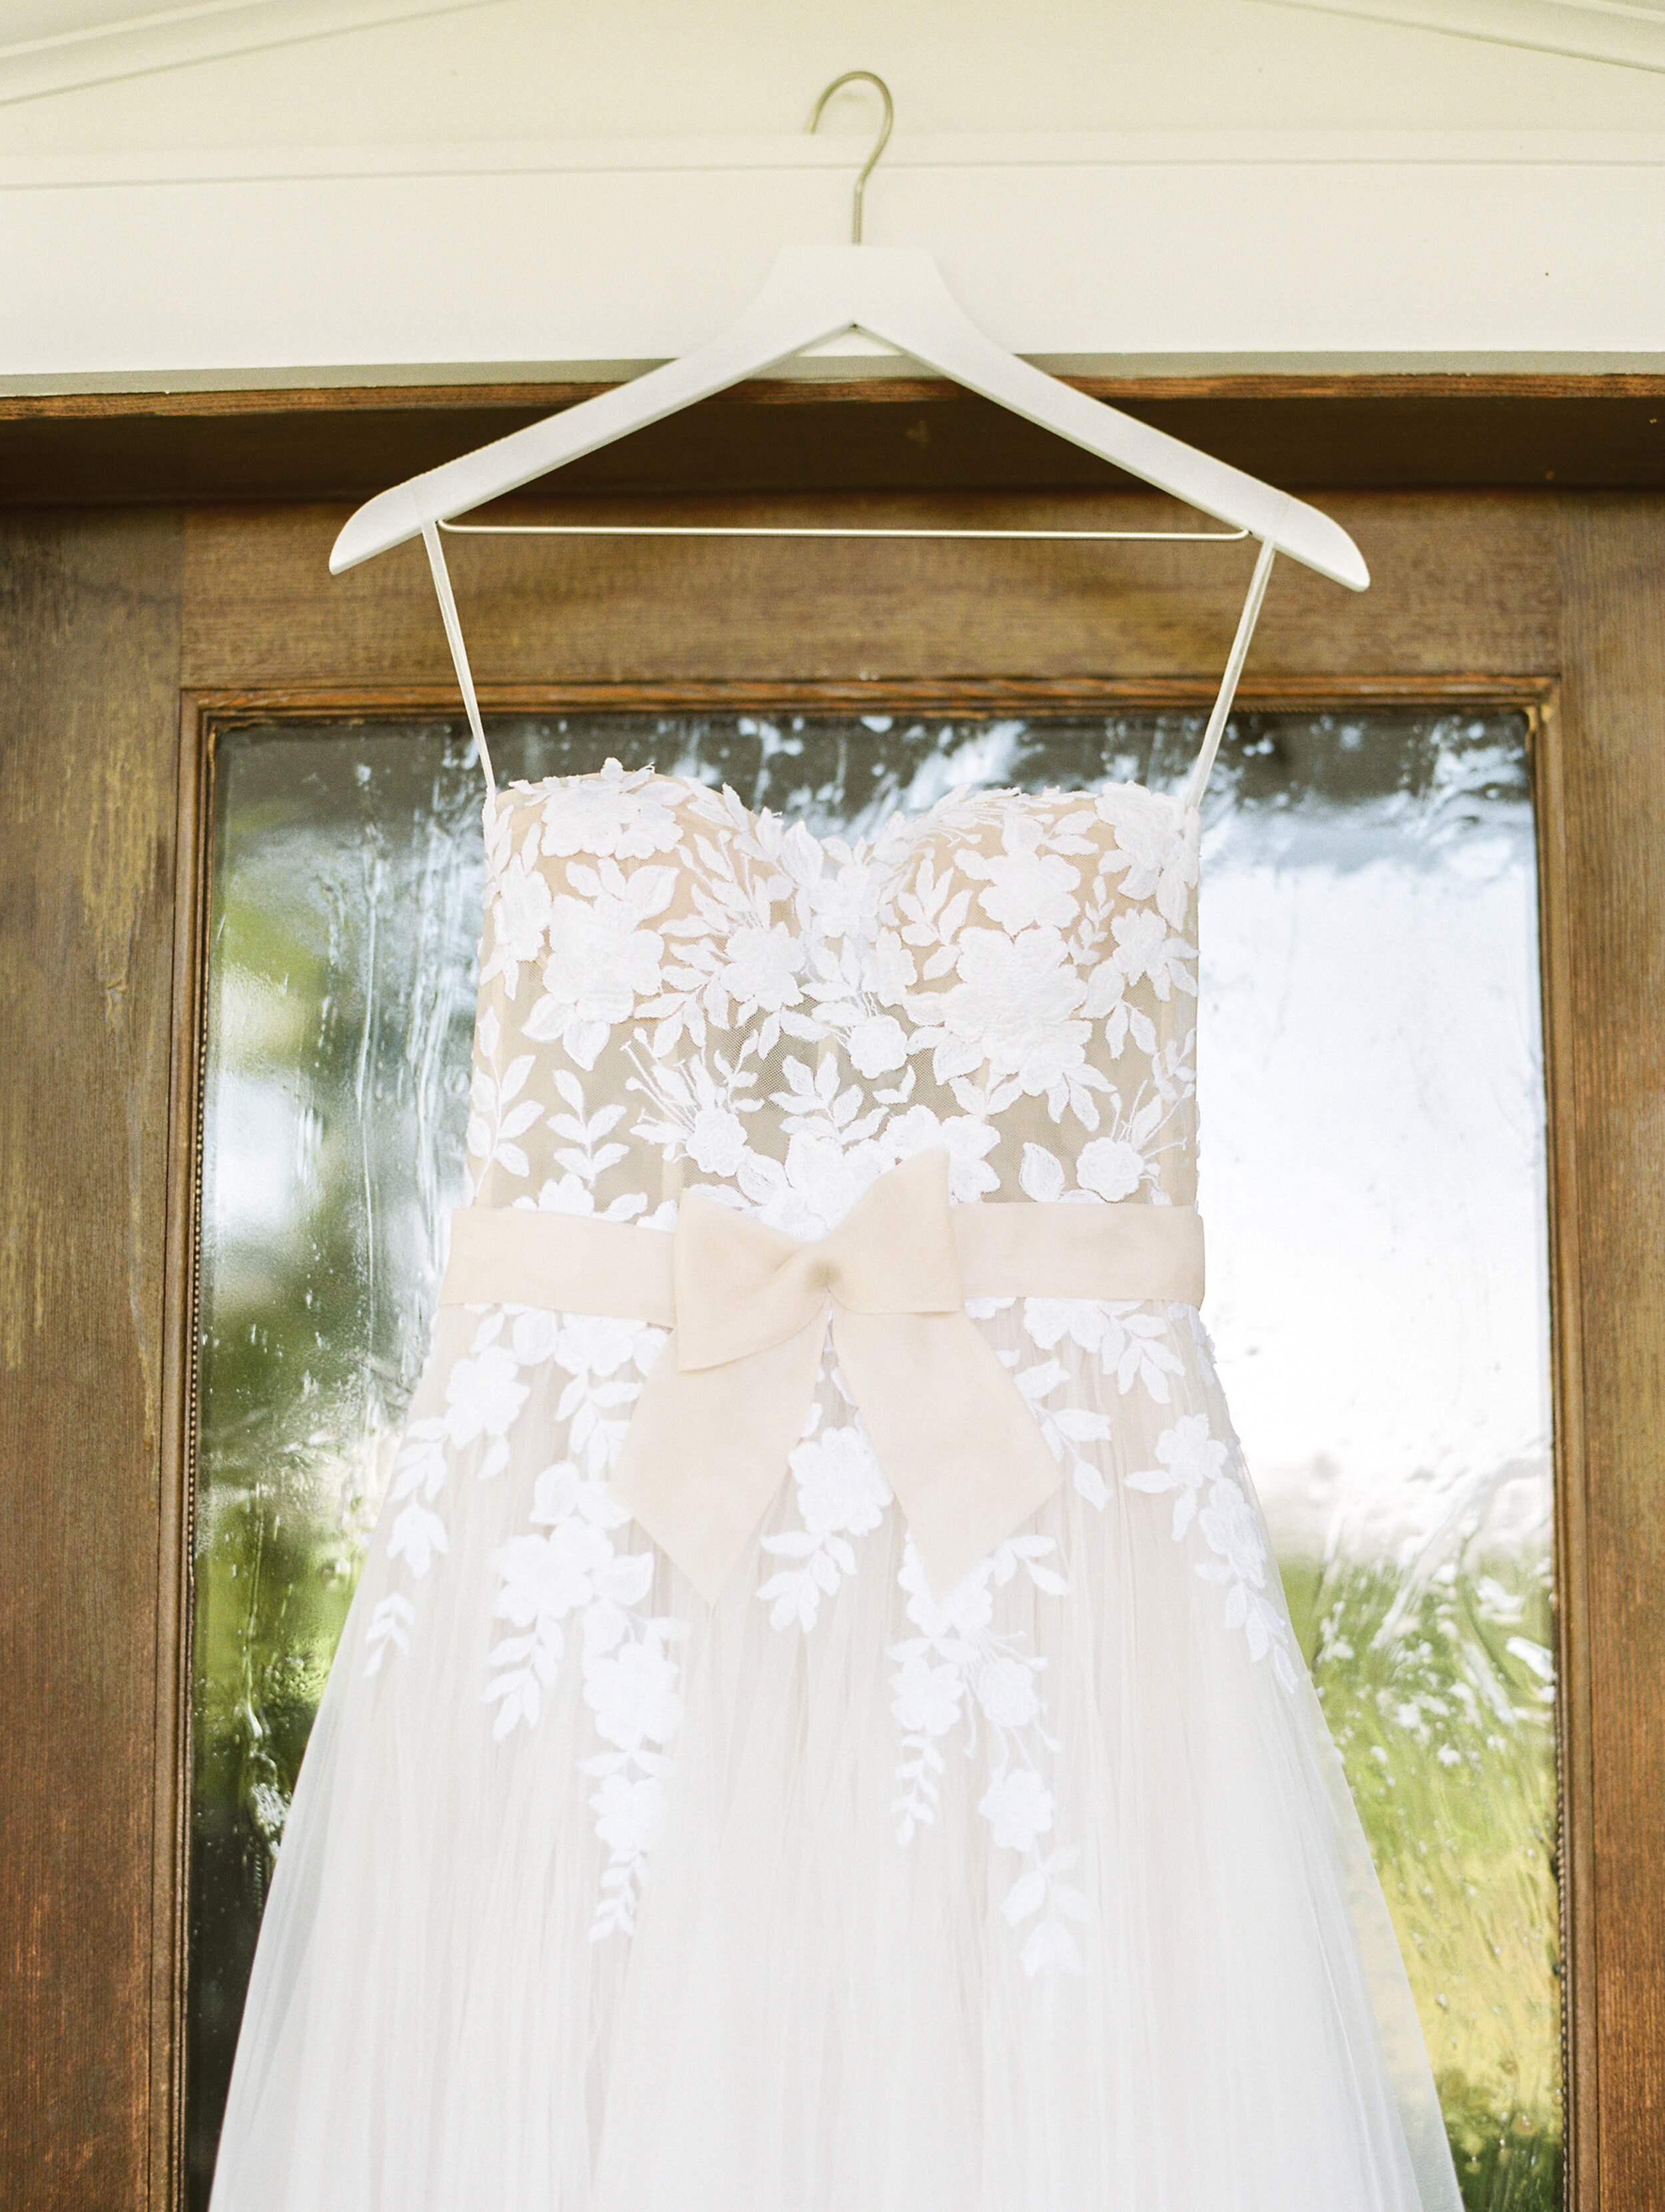 Steinlage+Wedding+Details-43.jpg